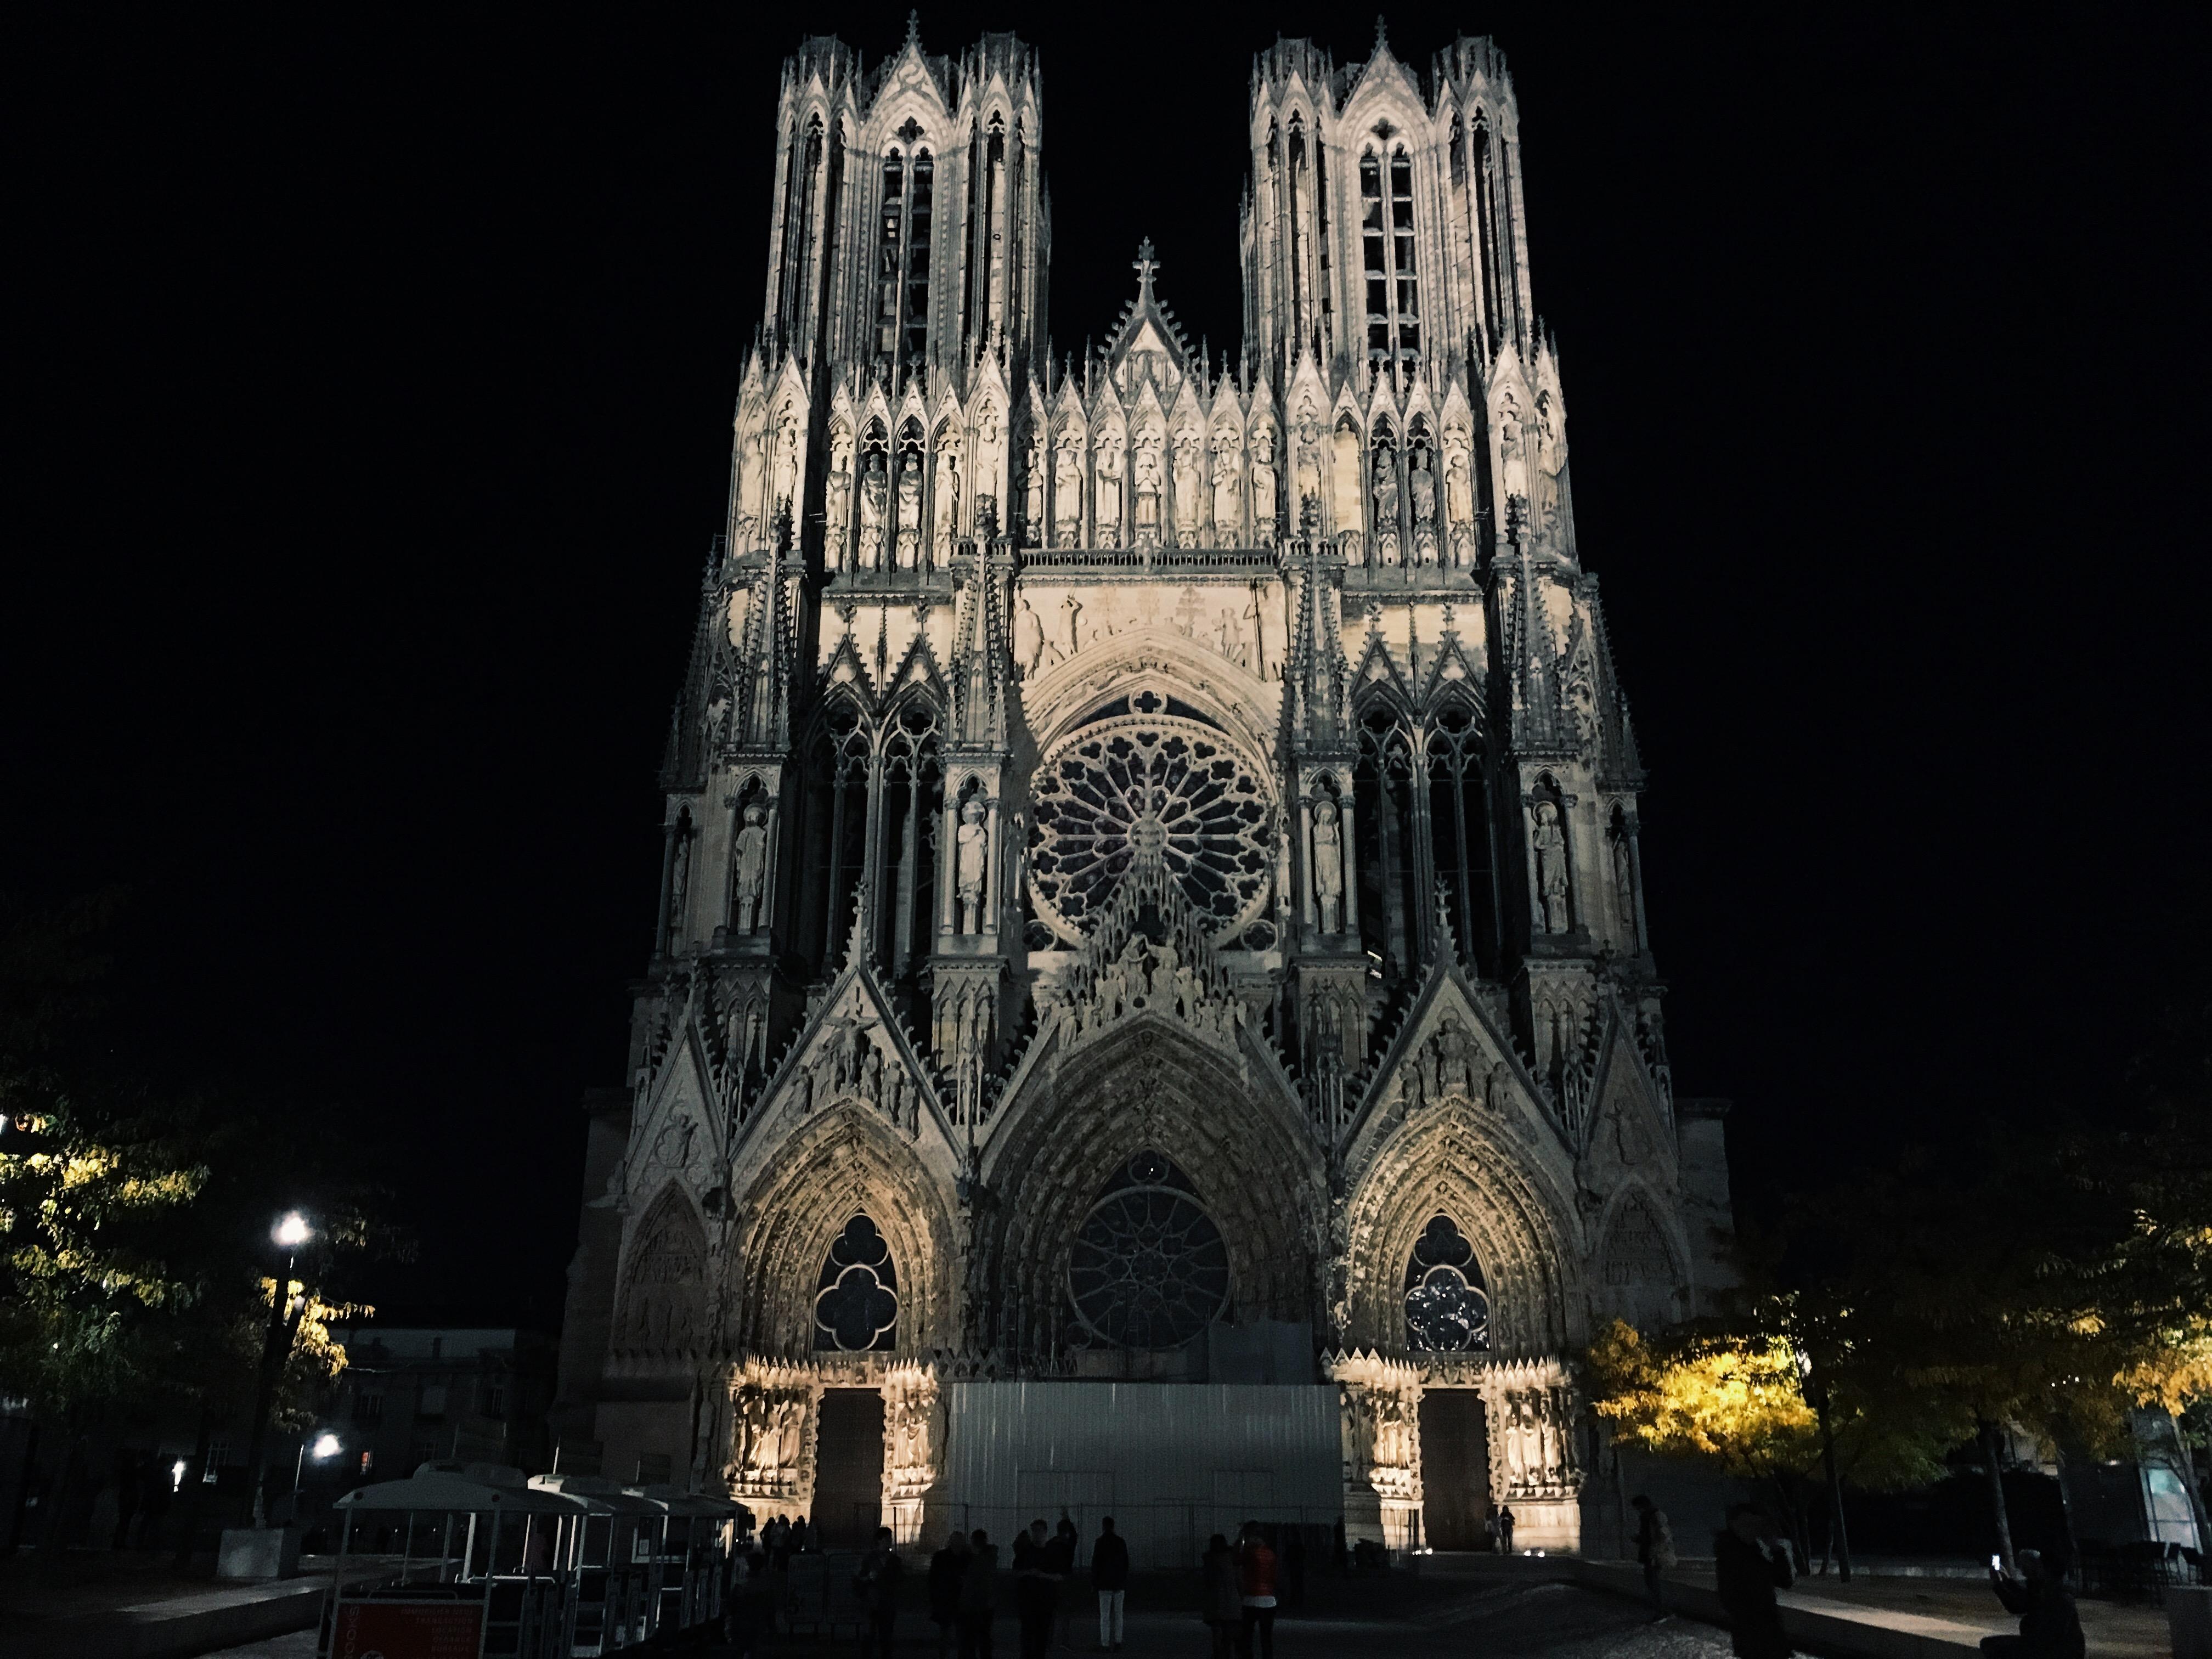 façade la cathédrale de Reims nouvellement restaurée